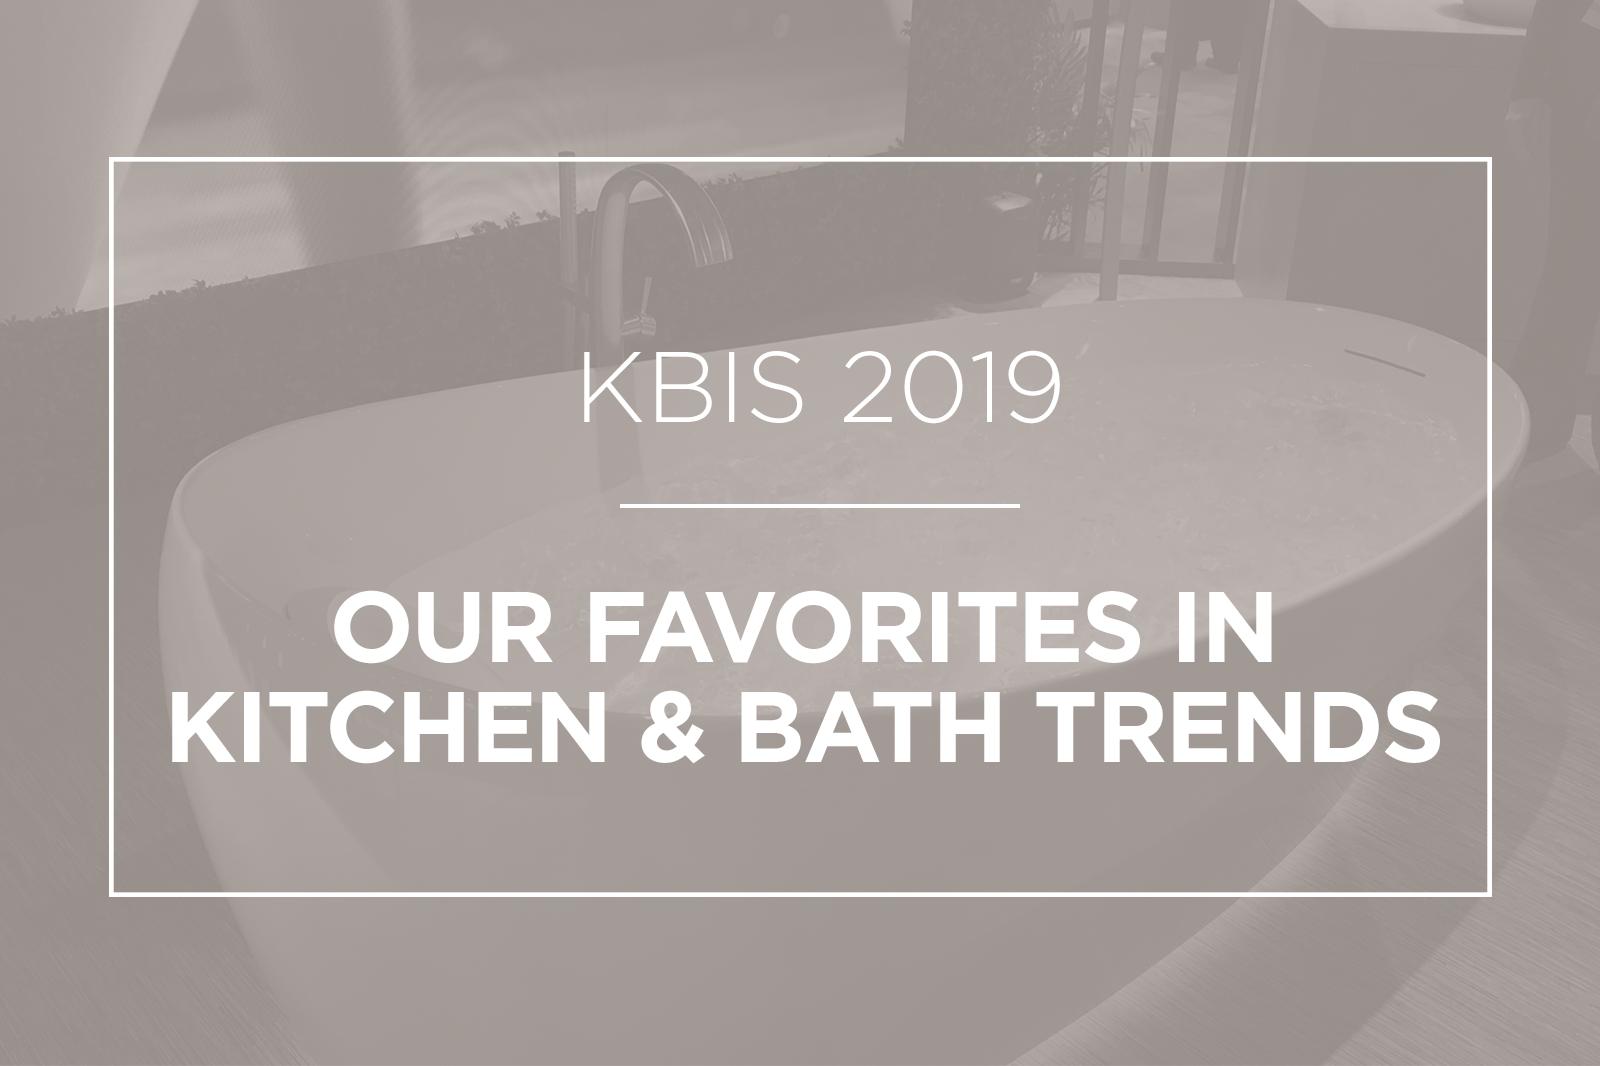 kbis-2019-favorites-feat-image